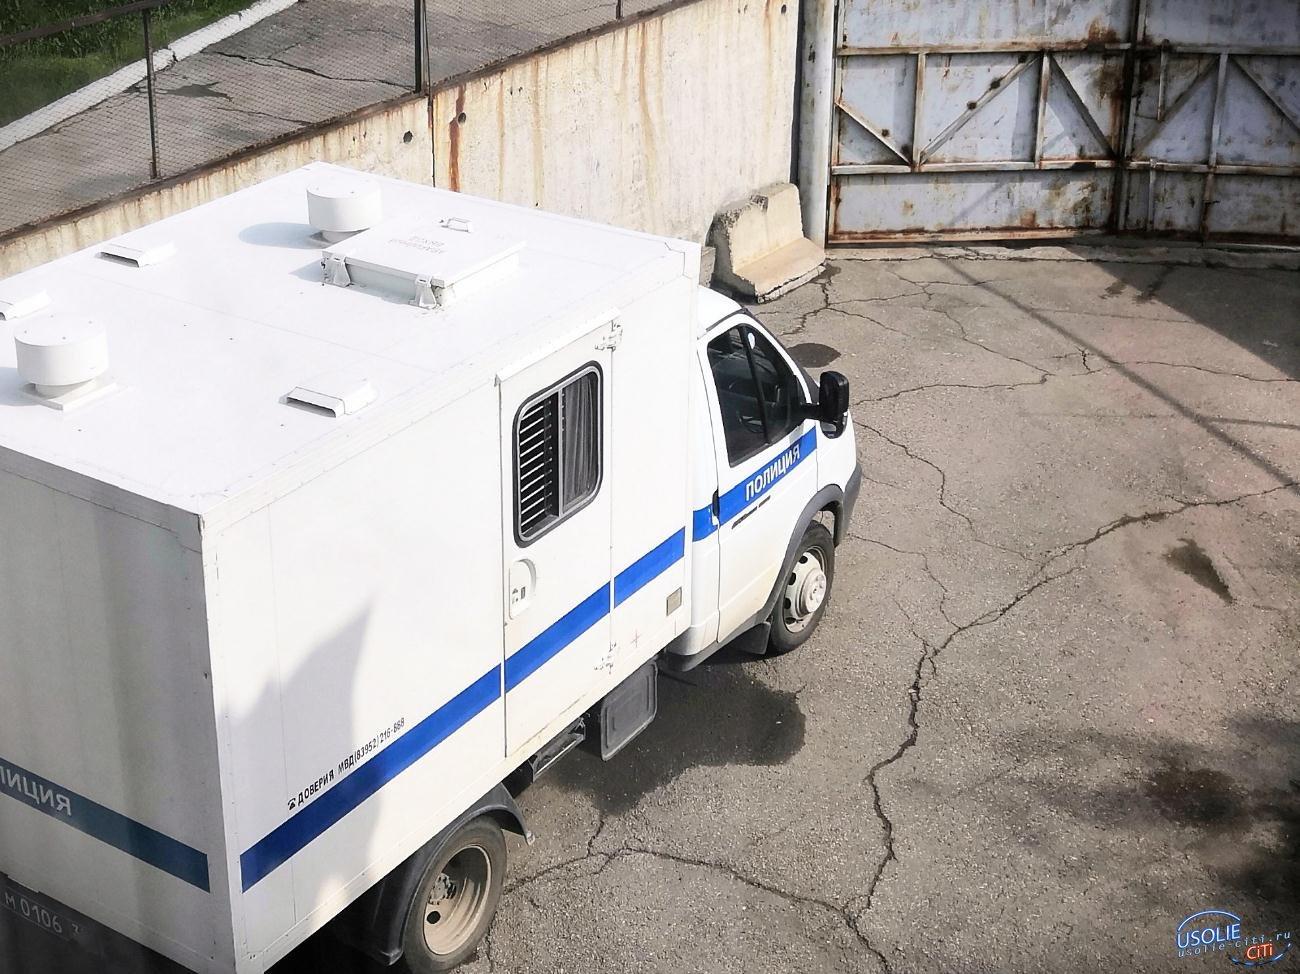 Громкая полицейская операция. Преступный мир в Усолье понес потери